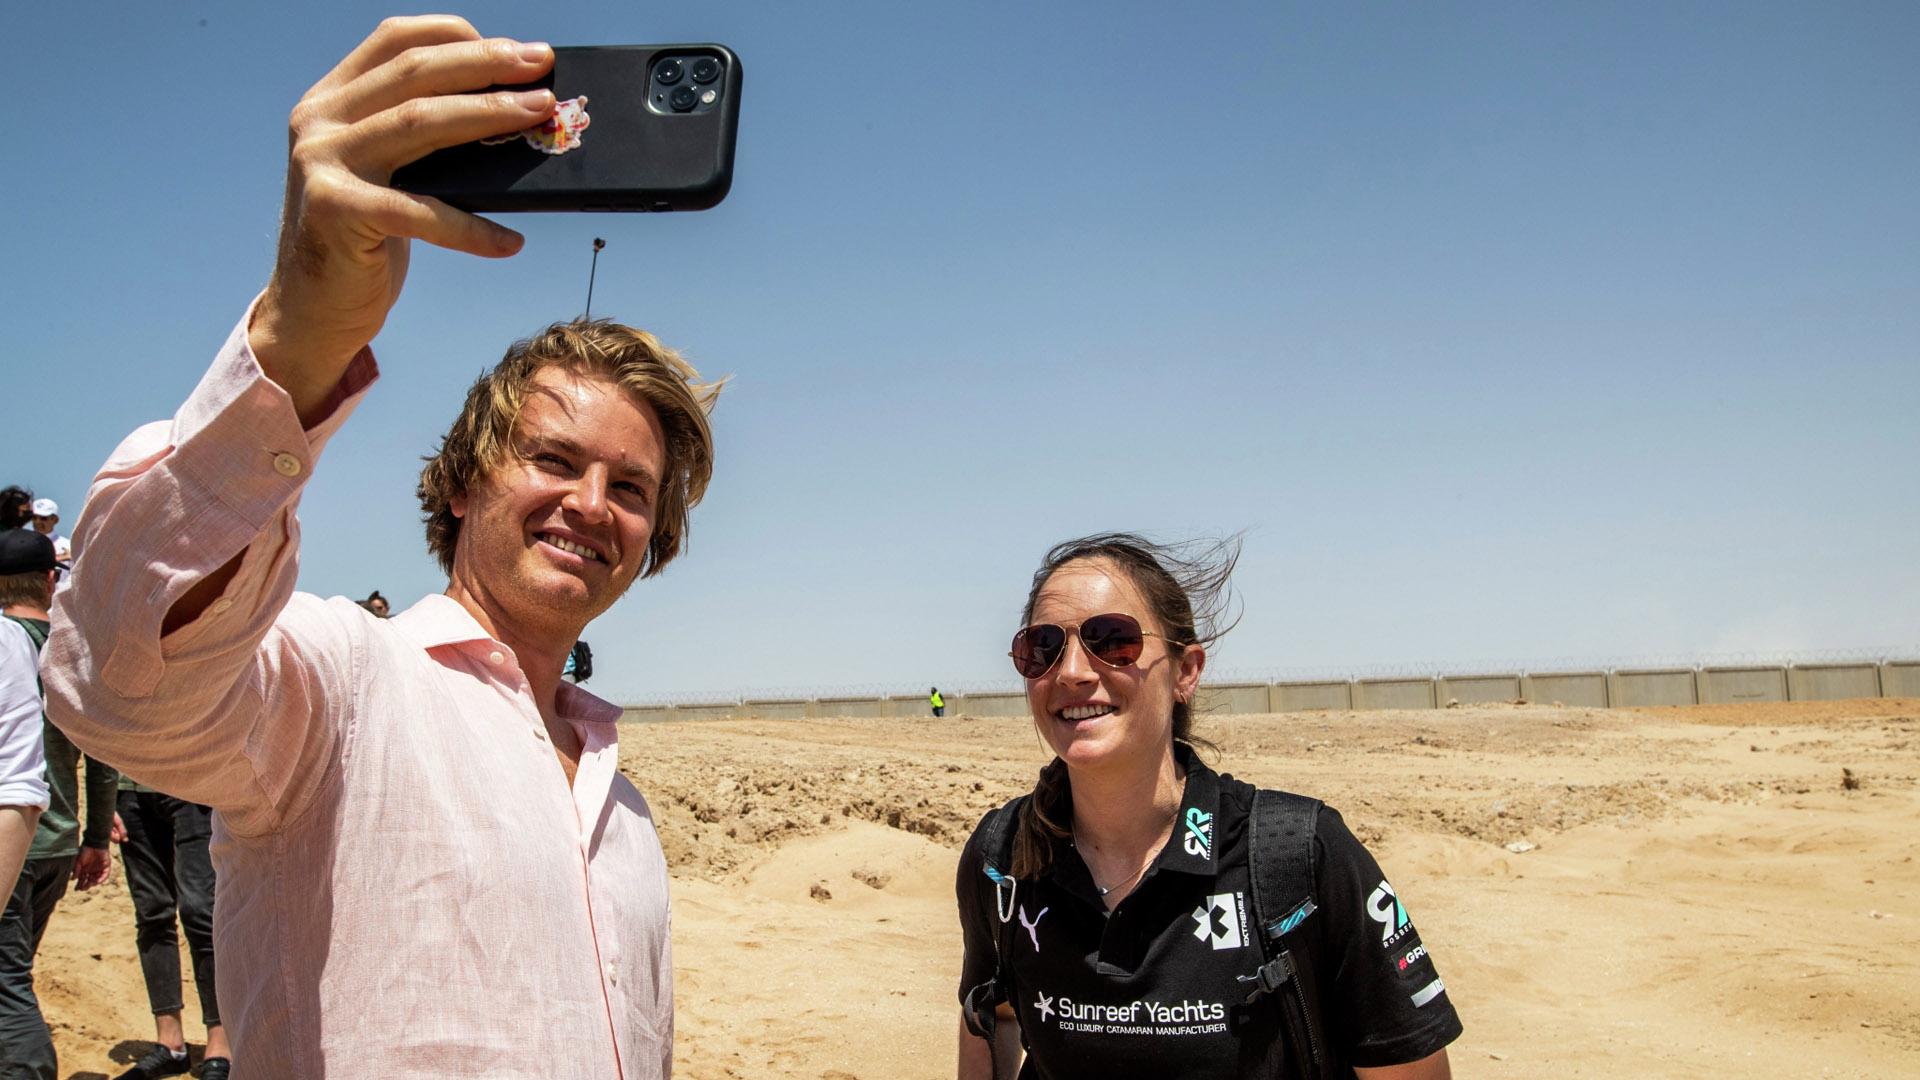 Molly Taylor and Nico Rosberg